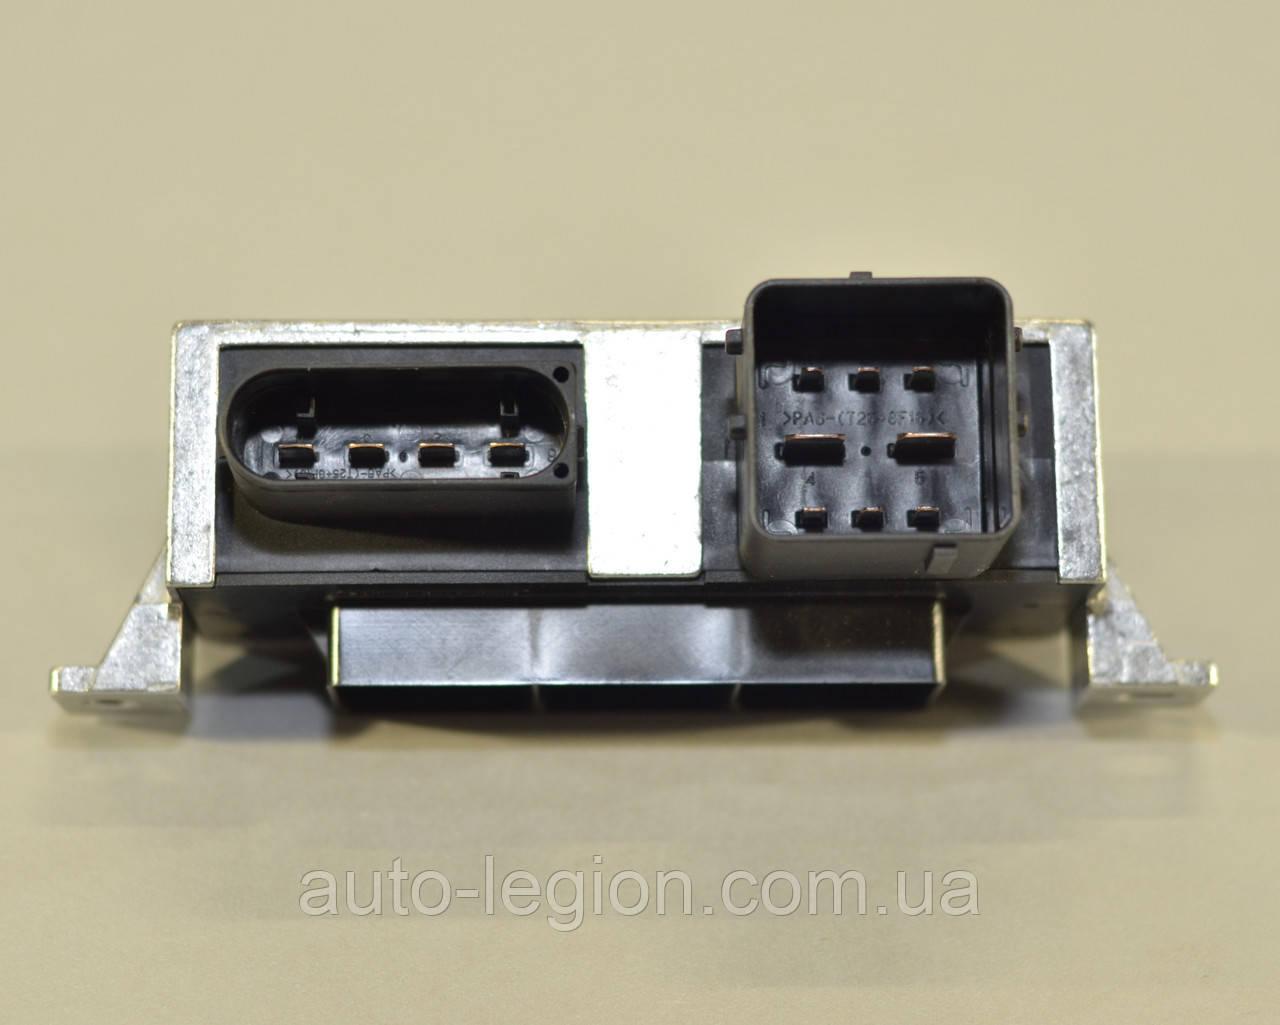 Блок управления на Renault Kangoo II 2008-> — Nissan (Оригинал) - 11067-00Q0H